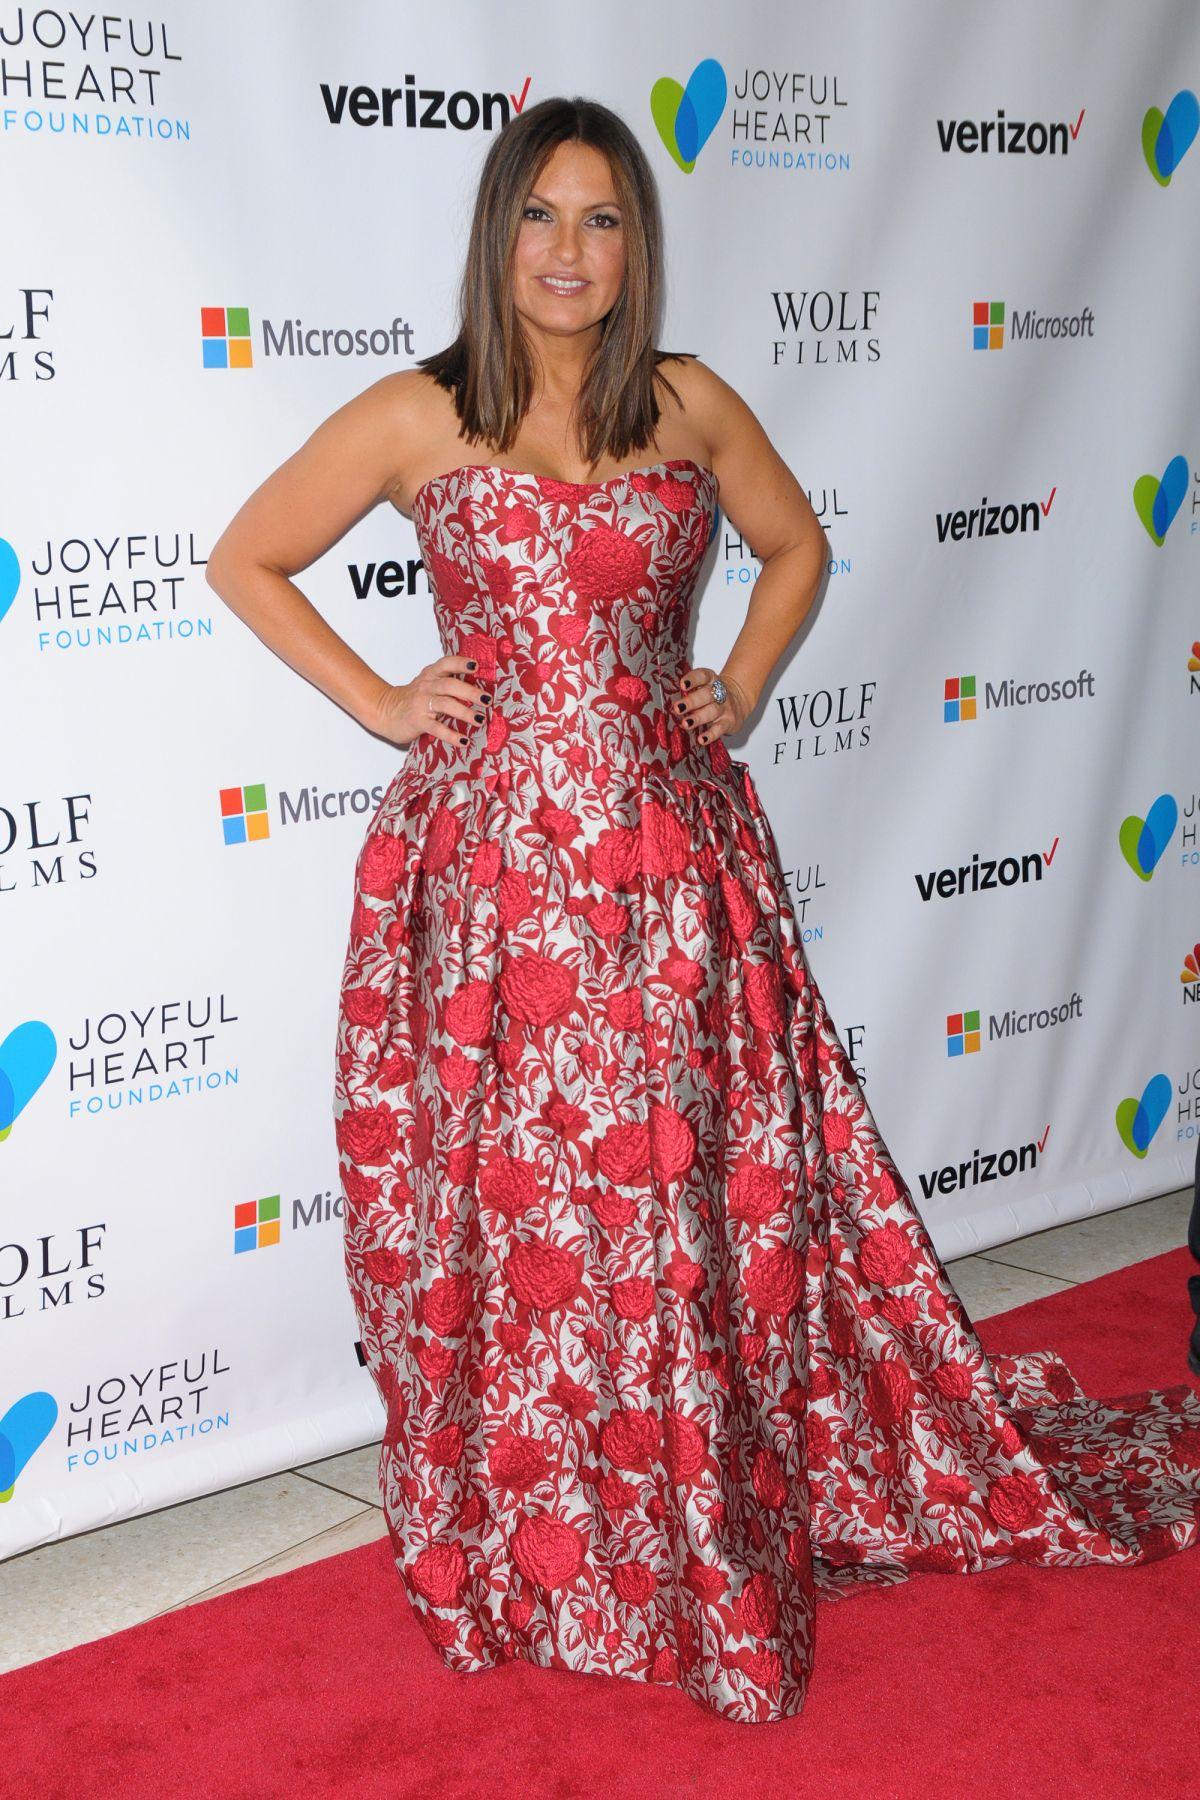 MARISKA HARGITAY at Joyful Revolution Gala in New York 05/11/2016